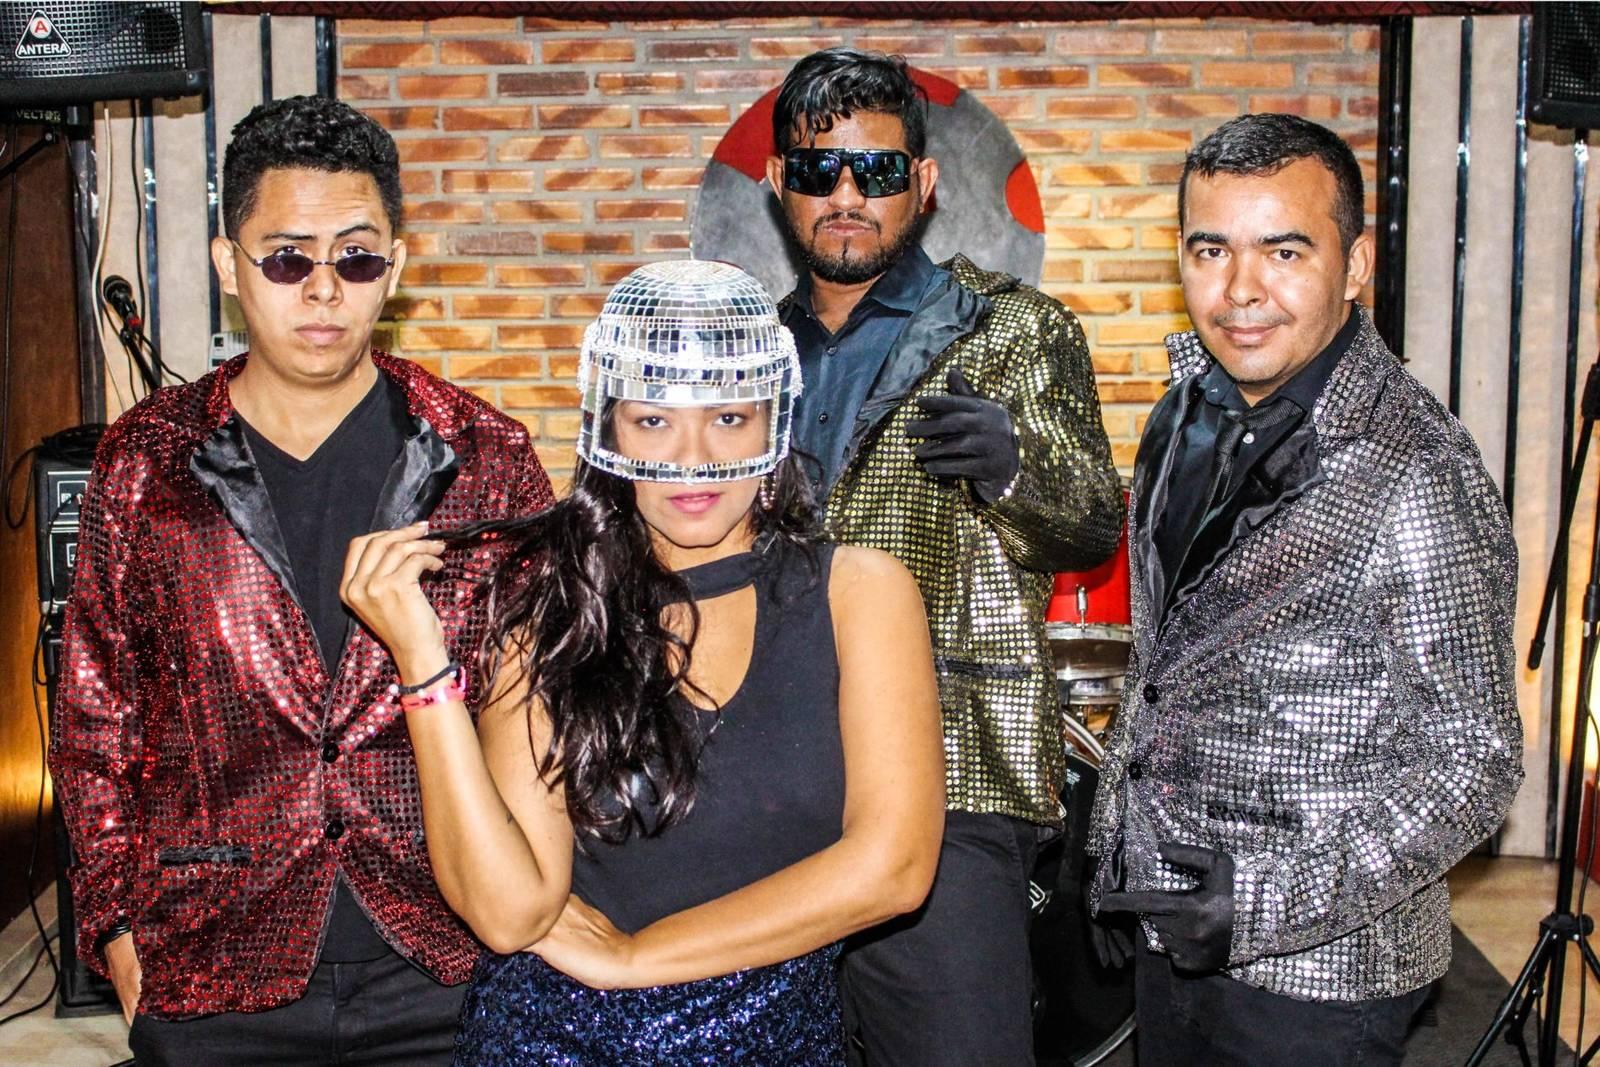 Gang do Eletro e Nanna Reis interpretam Daft Punk na Alemanha